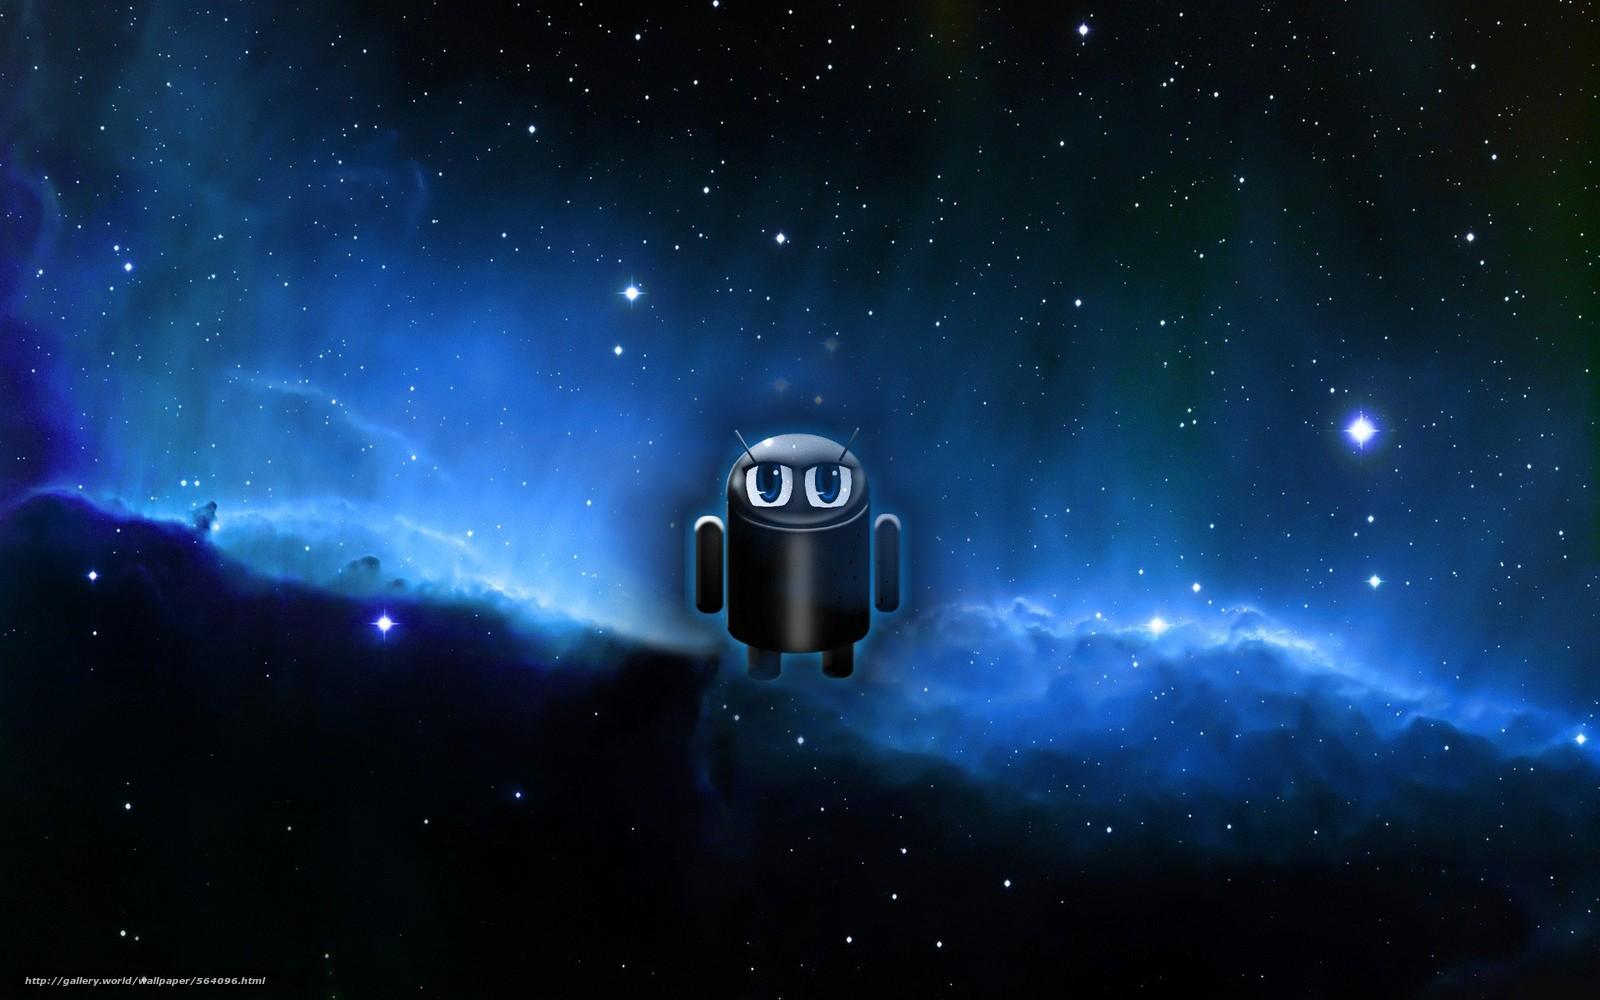 Скачать обои космос,  3d,  art бесплатно для рабочего стола в разрешении 1920x1200 — картинка №564096